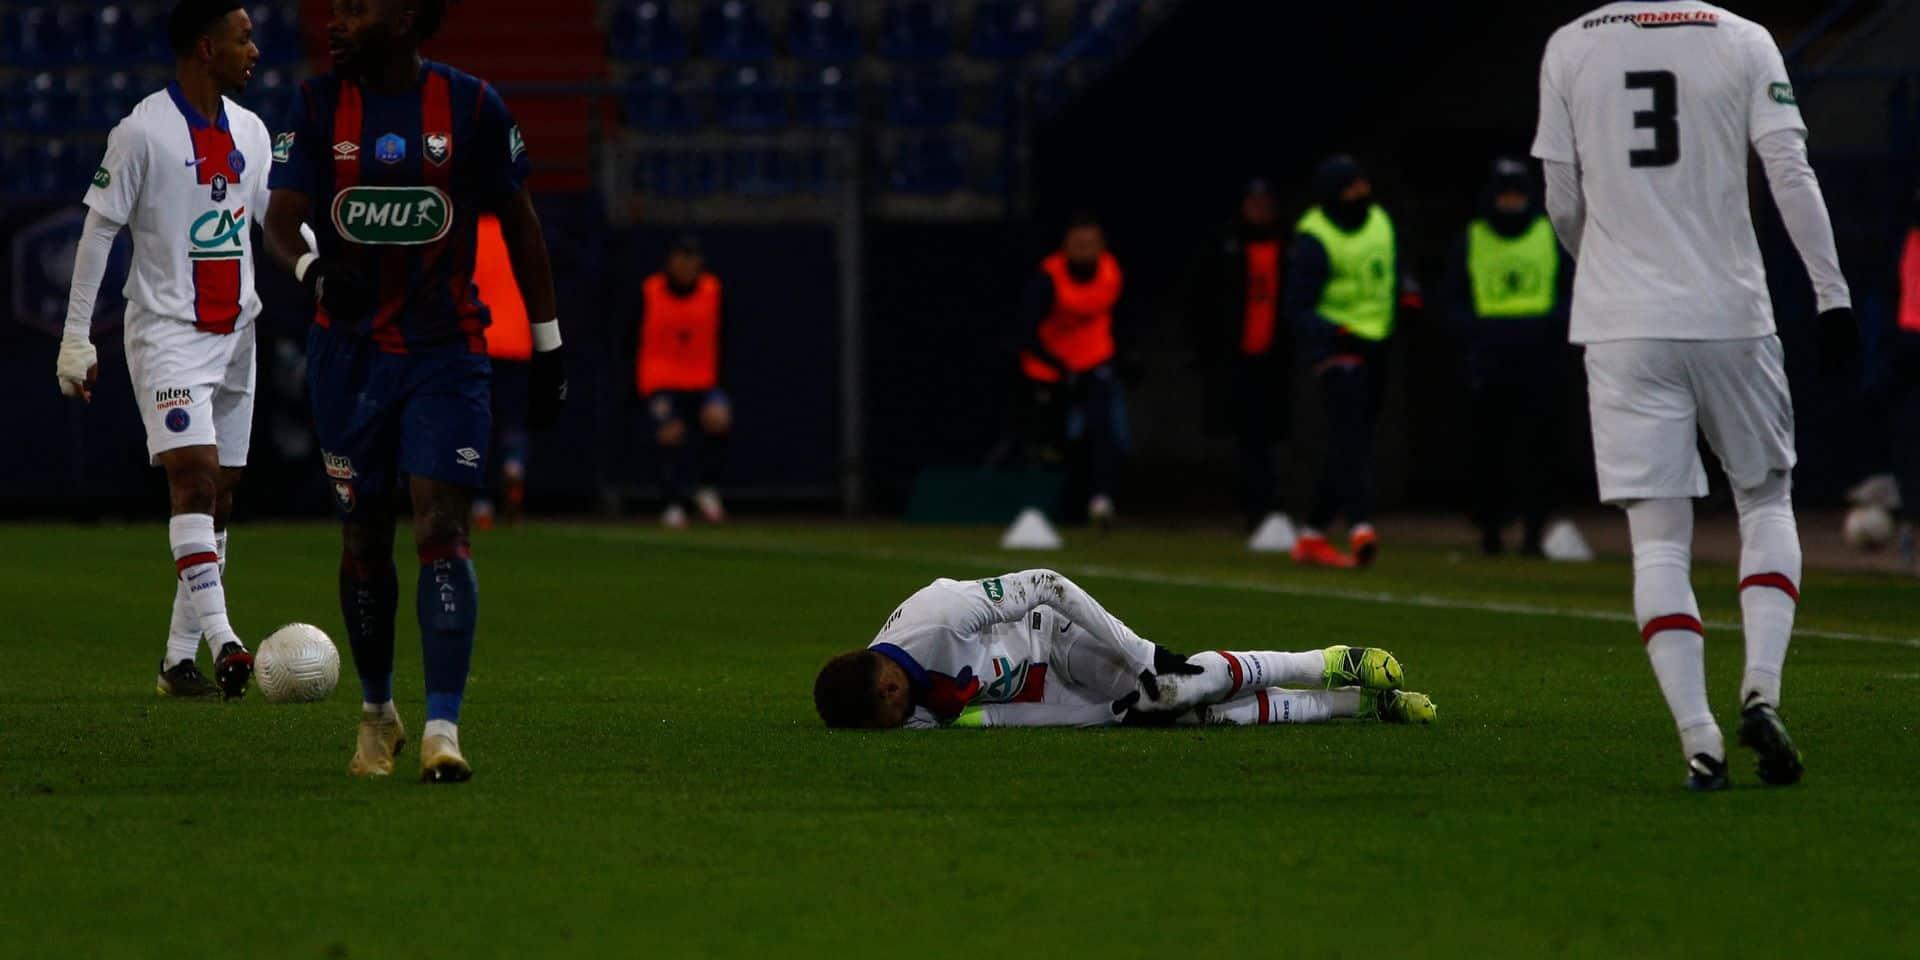 Le sort s'acharne : Neymar absent 4 semaines et forfait avec le PSG lors du huitième aller contre le Barça !